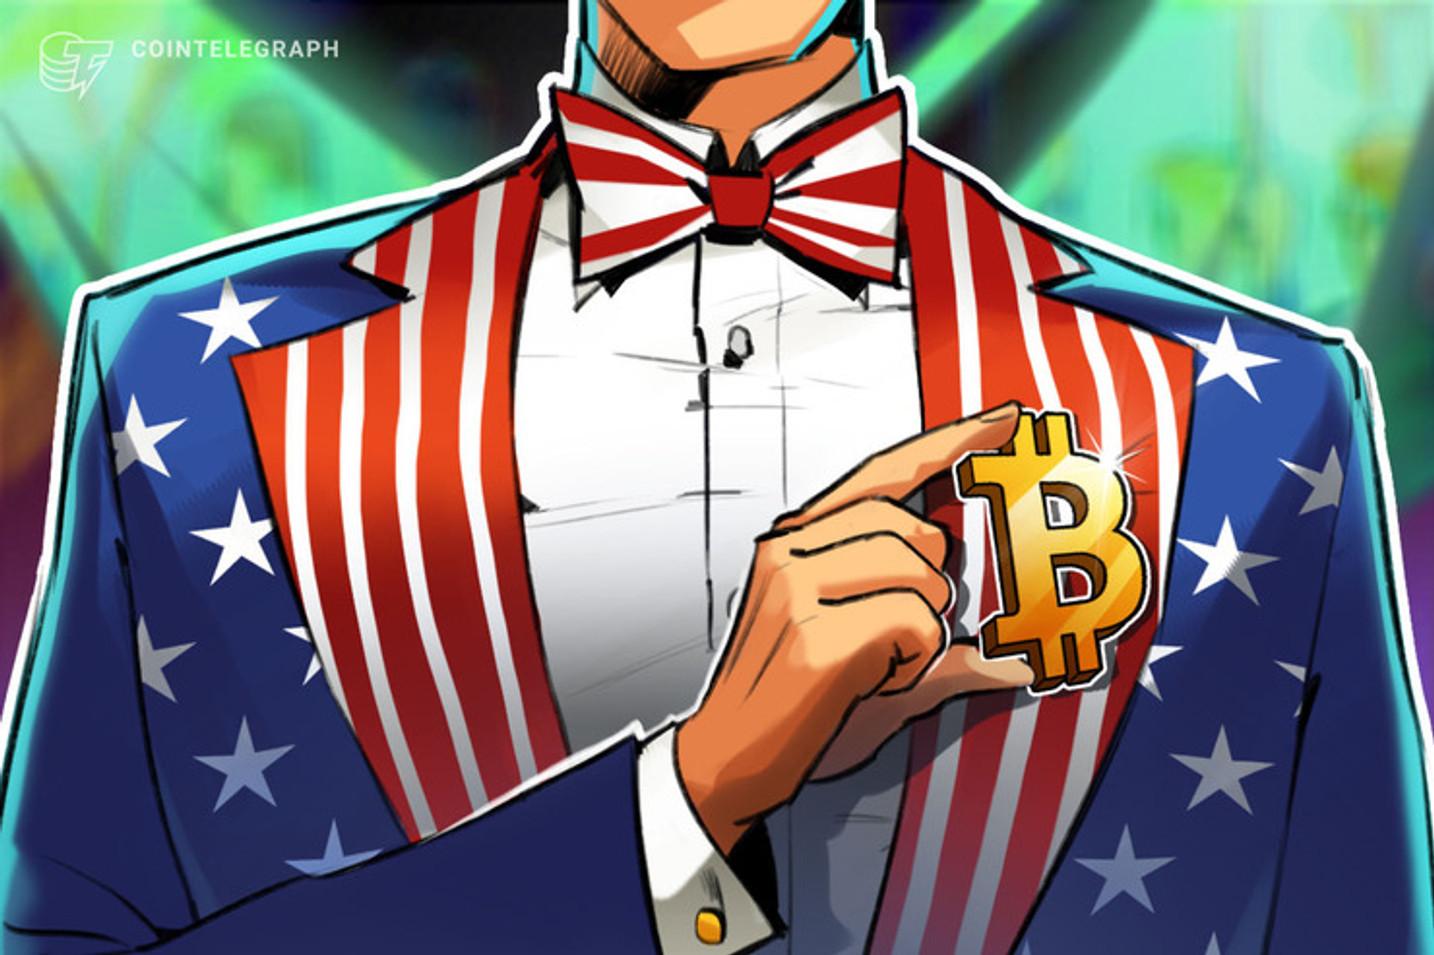 Elecciones 2020 en EE.UU. (y su efecto en Bitcoin): El plan de Joe Biden. Parte II